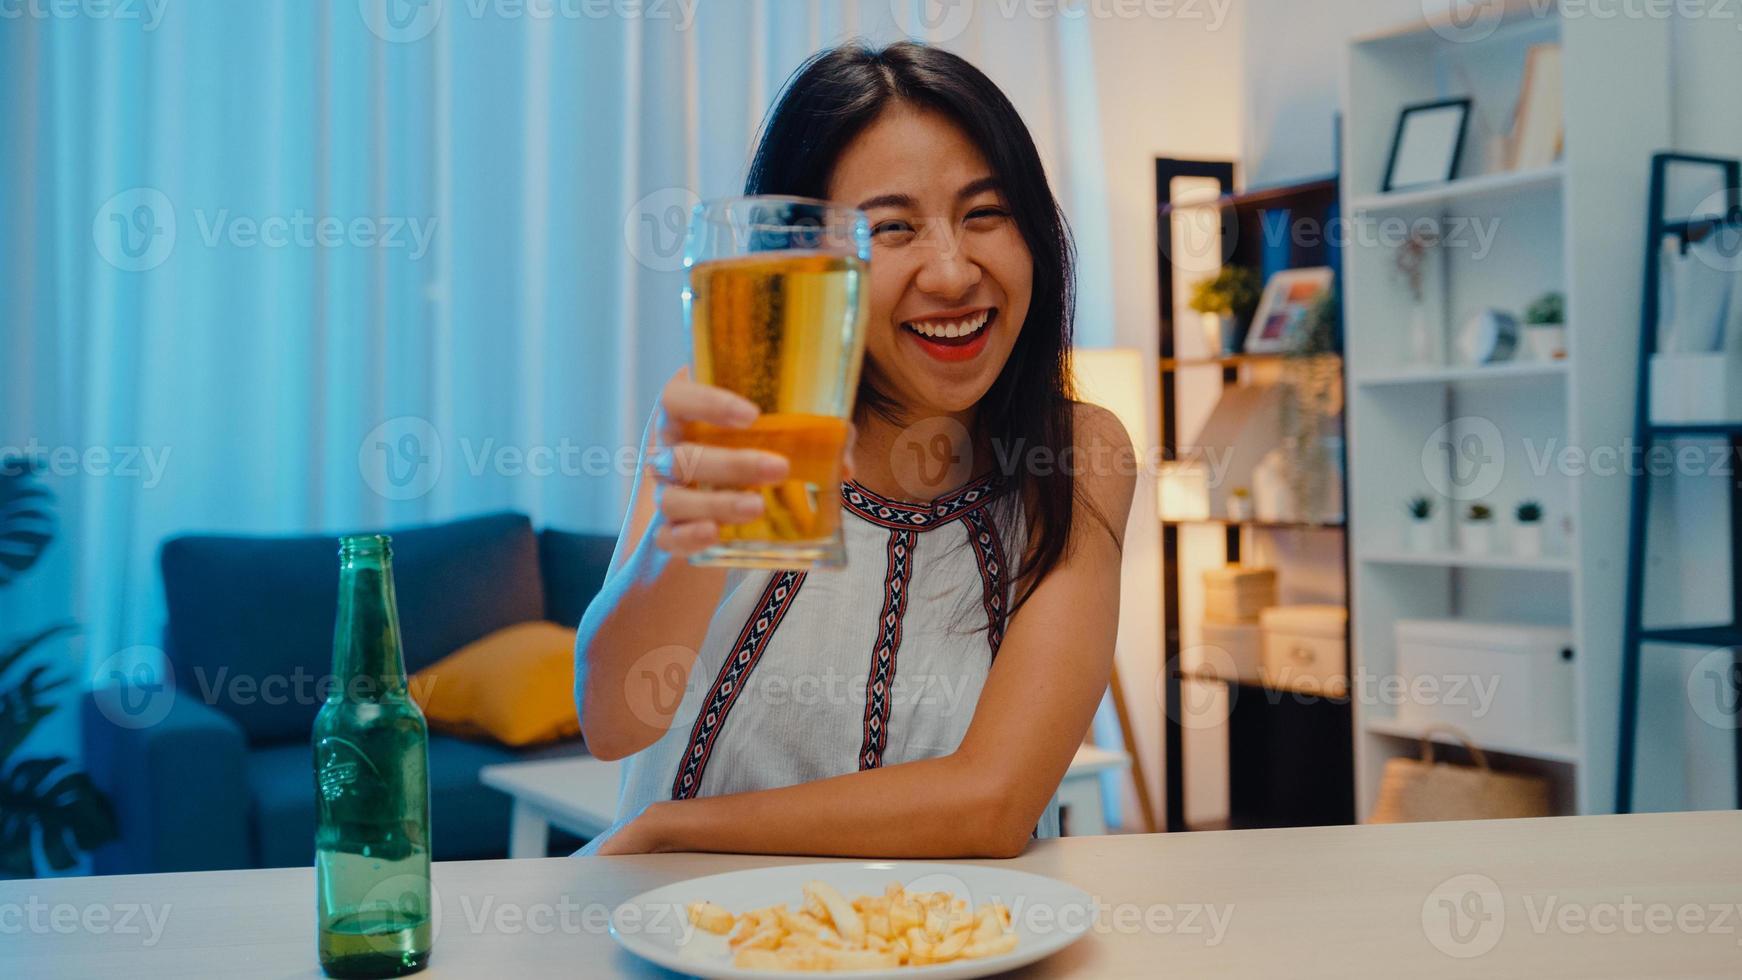 joven asiática bebiendo cerveza divirtiéndose feliz noche fiesta evento de año nuevo celebración en línea a través de videollamada por teléfono en casa por la noche. distancia social, cuarentena por coronavirus. punto de vista o pov foto